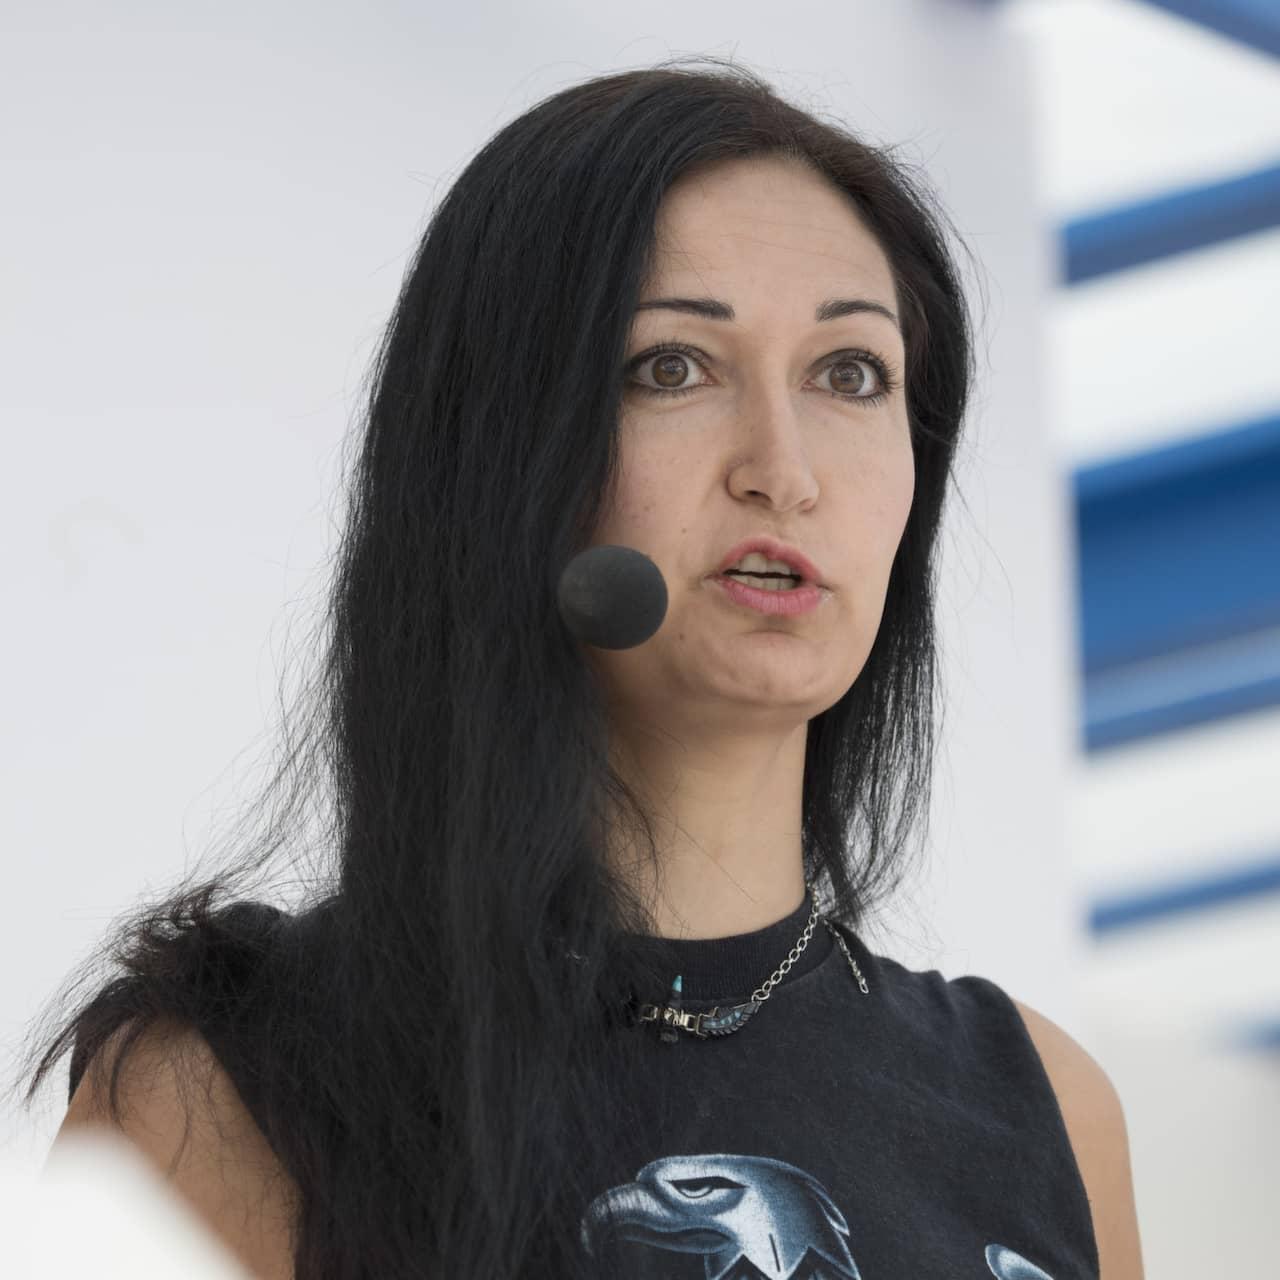 61. Sakine Madon